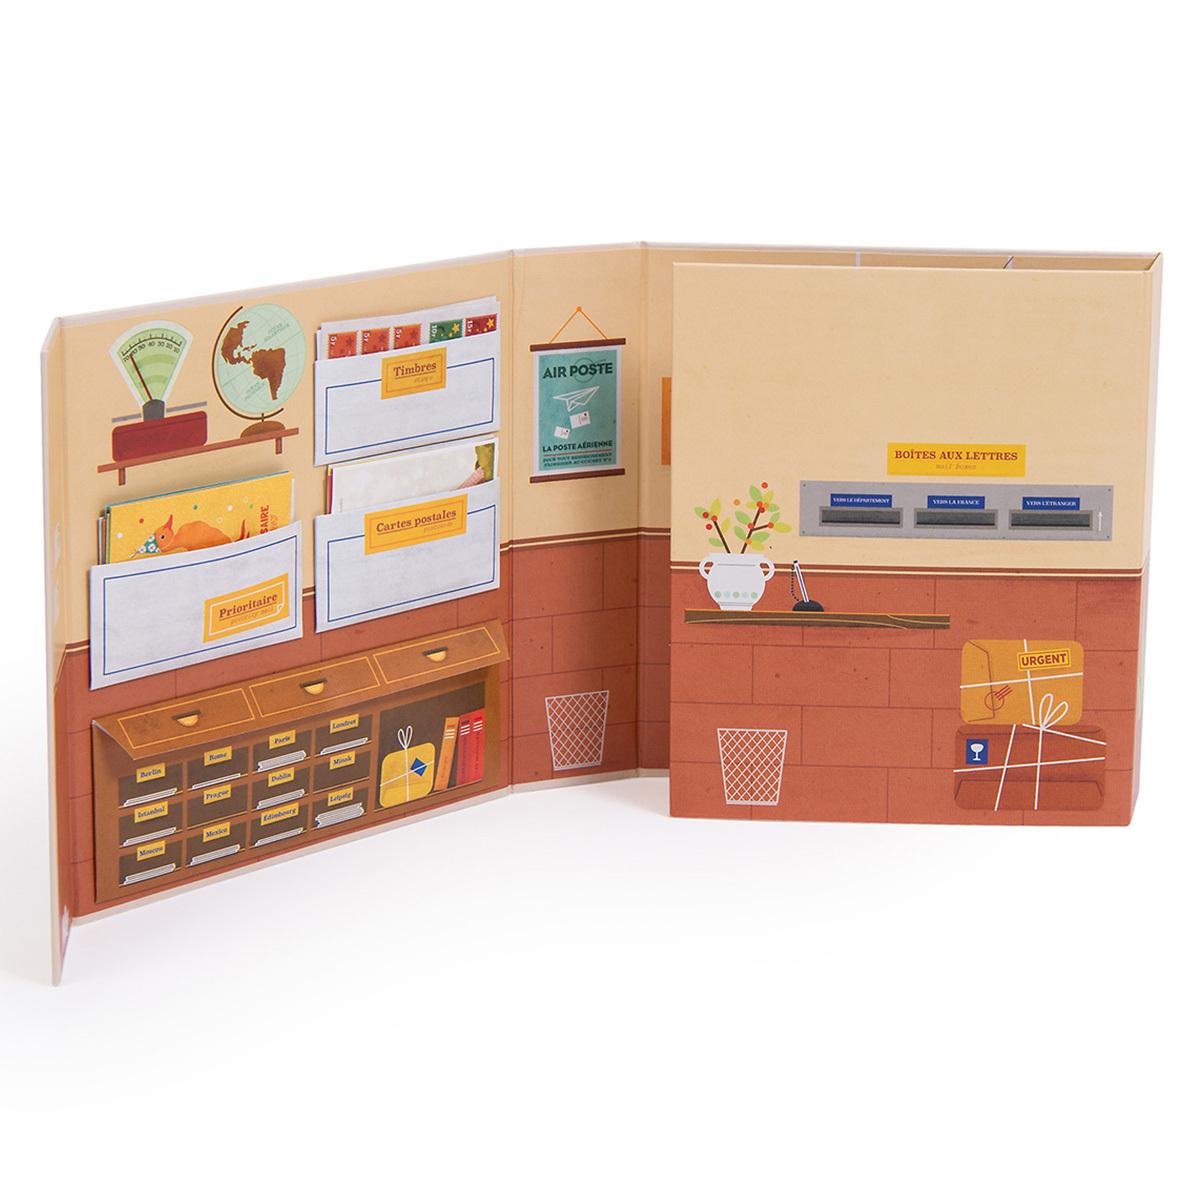 bureau de poste bois jouet